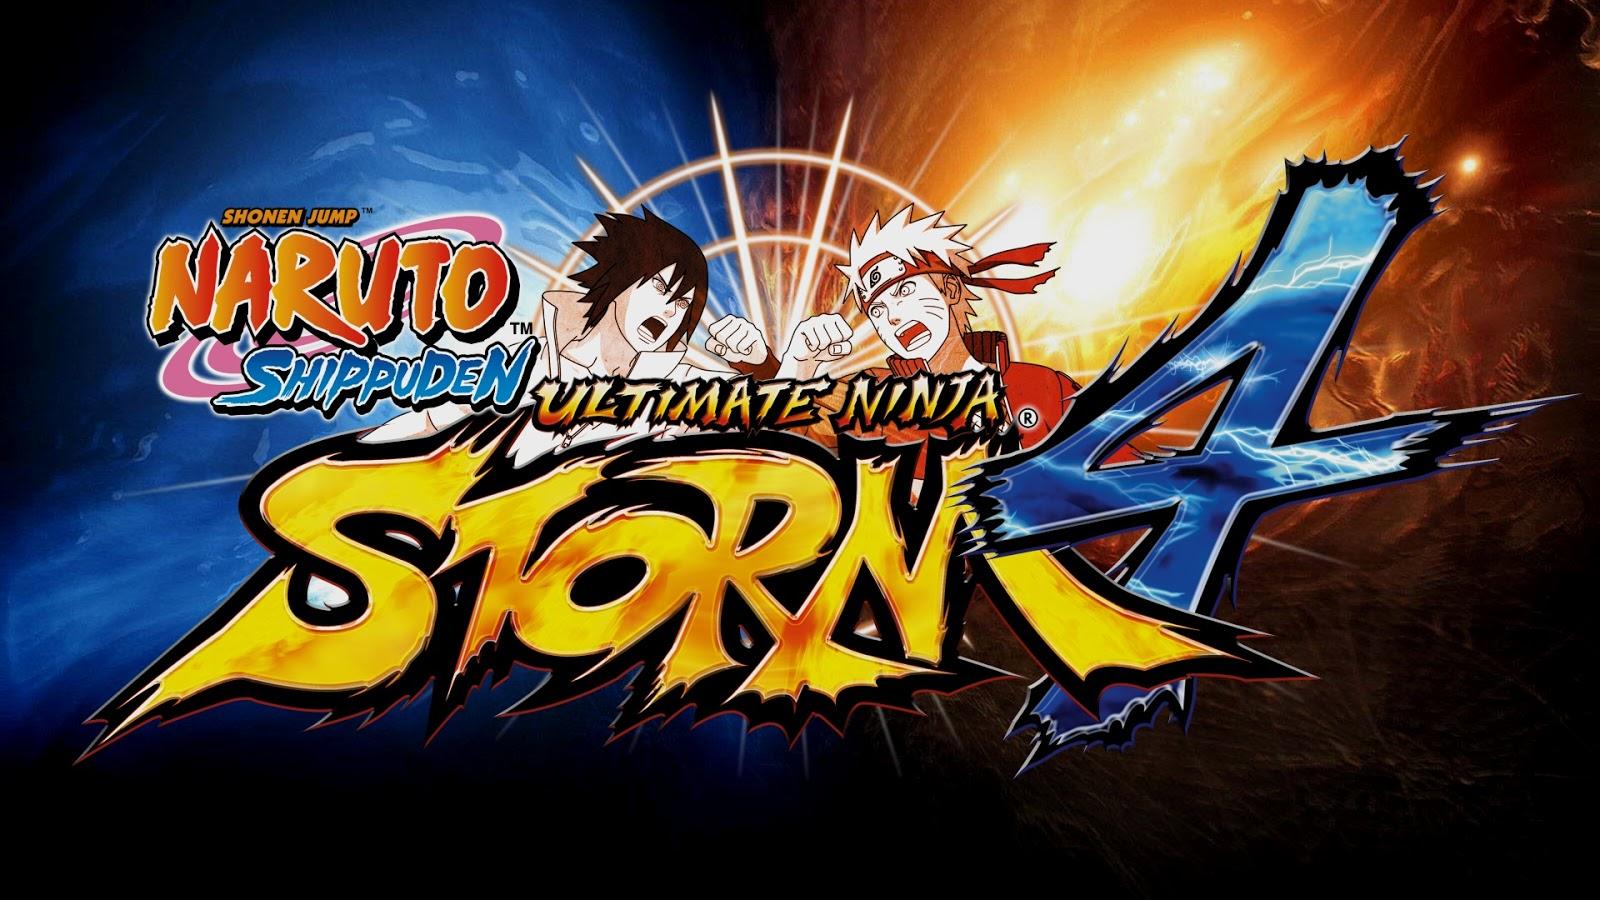 صورة فتح جميع شخصيات لعبة ناروتو ستورم ● unlock characters storm ninja ● 4